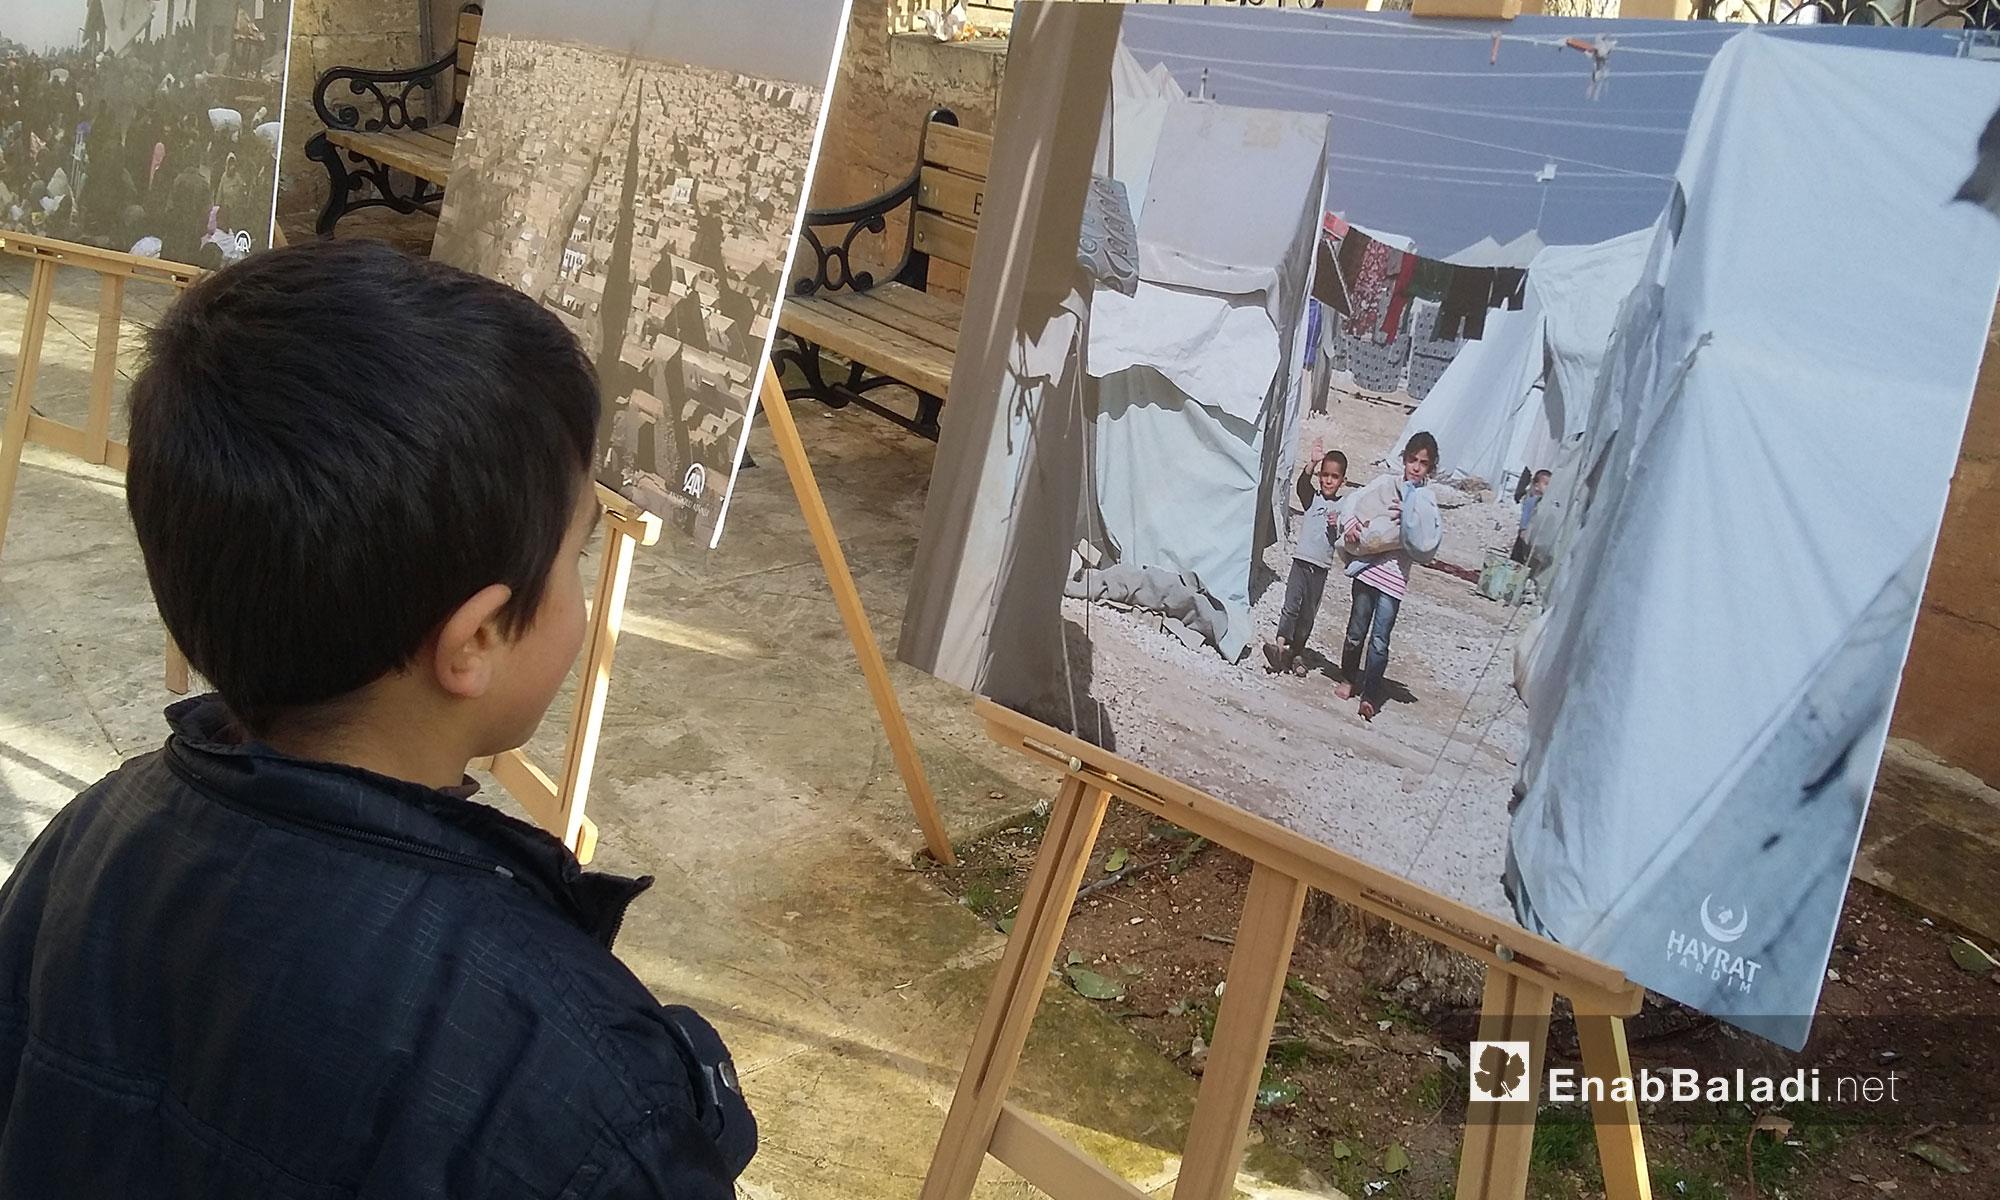 معرض صور في مقام إبراهيم الخليل بمدينة أورفة التركية - 20 شباط 2017 (عنب بلدي)